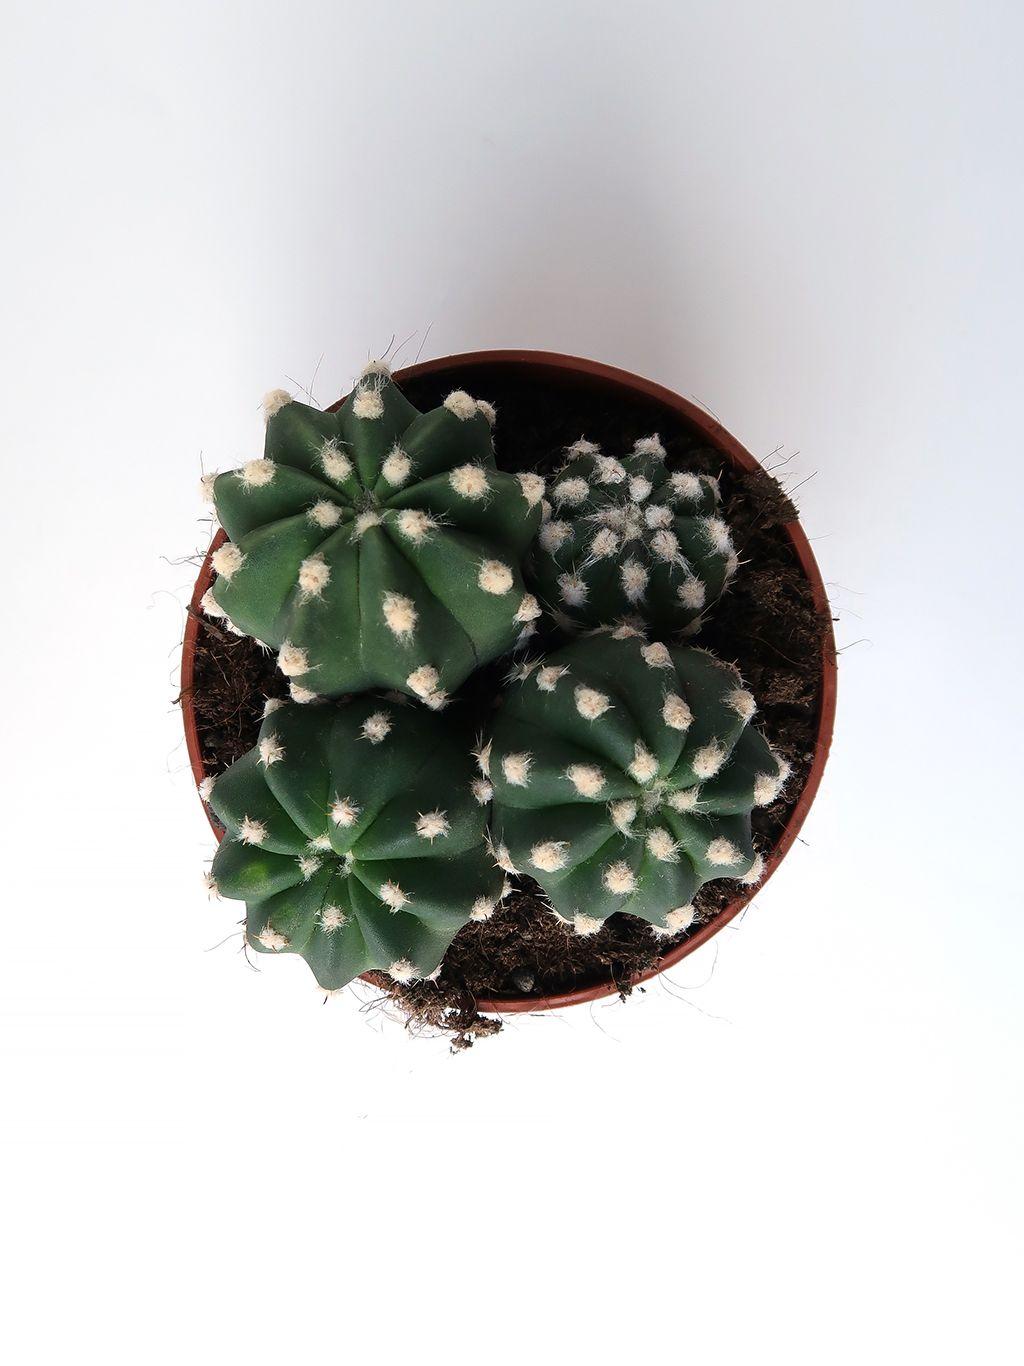 Эхинопсис субденудата (Echinopsis subdenudata)